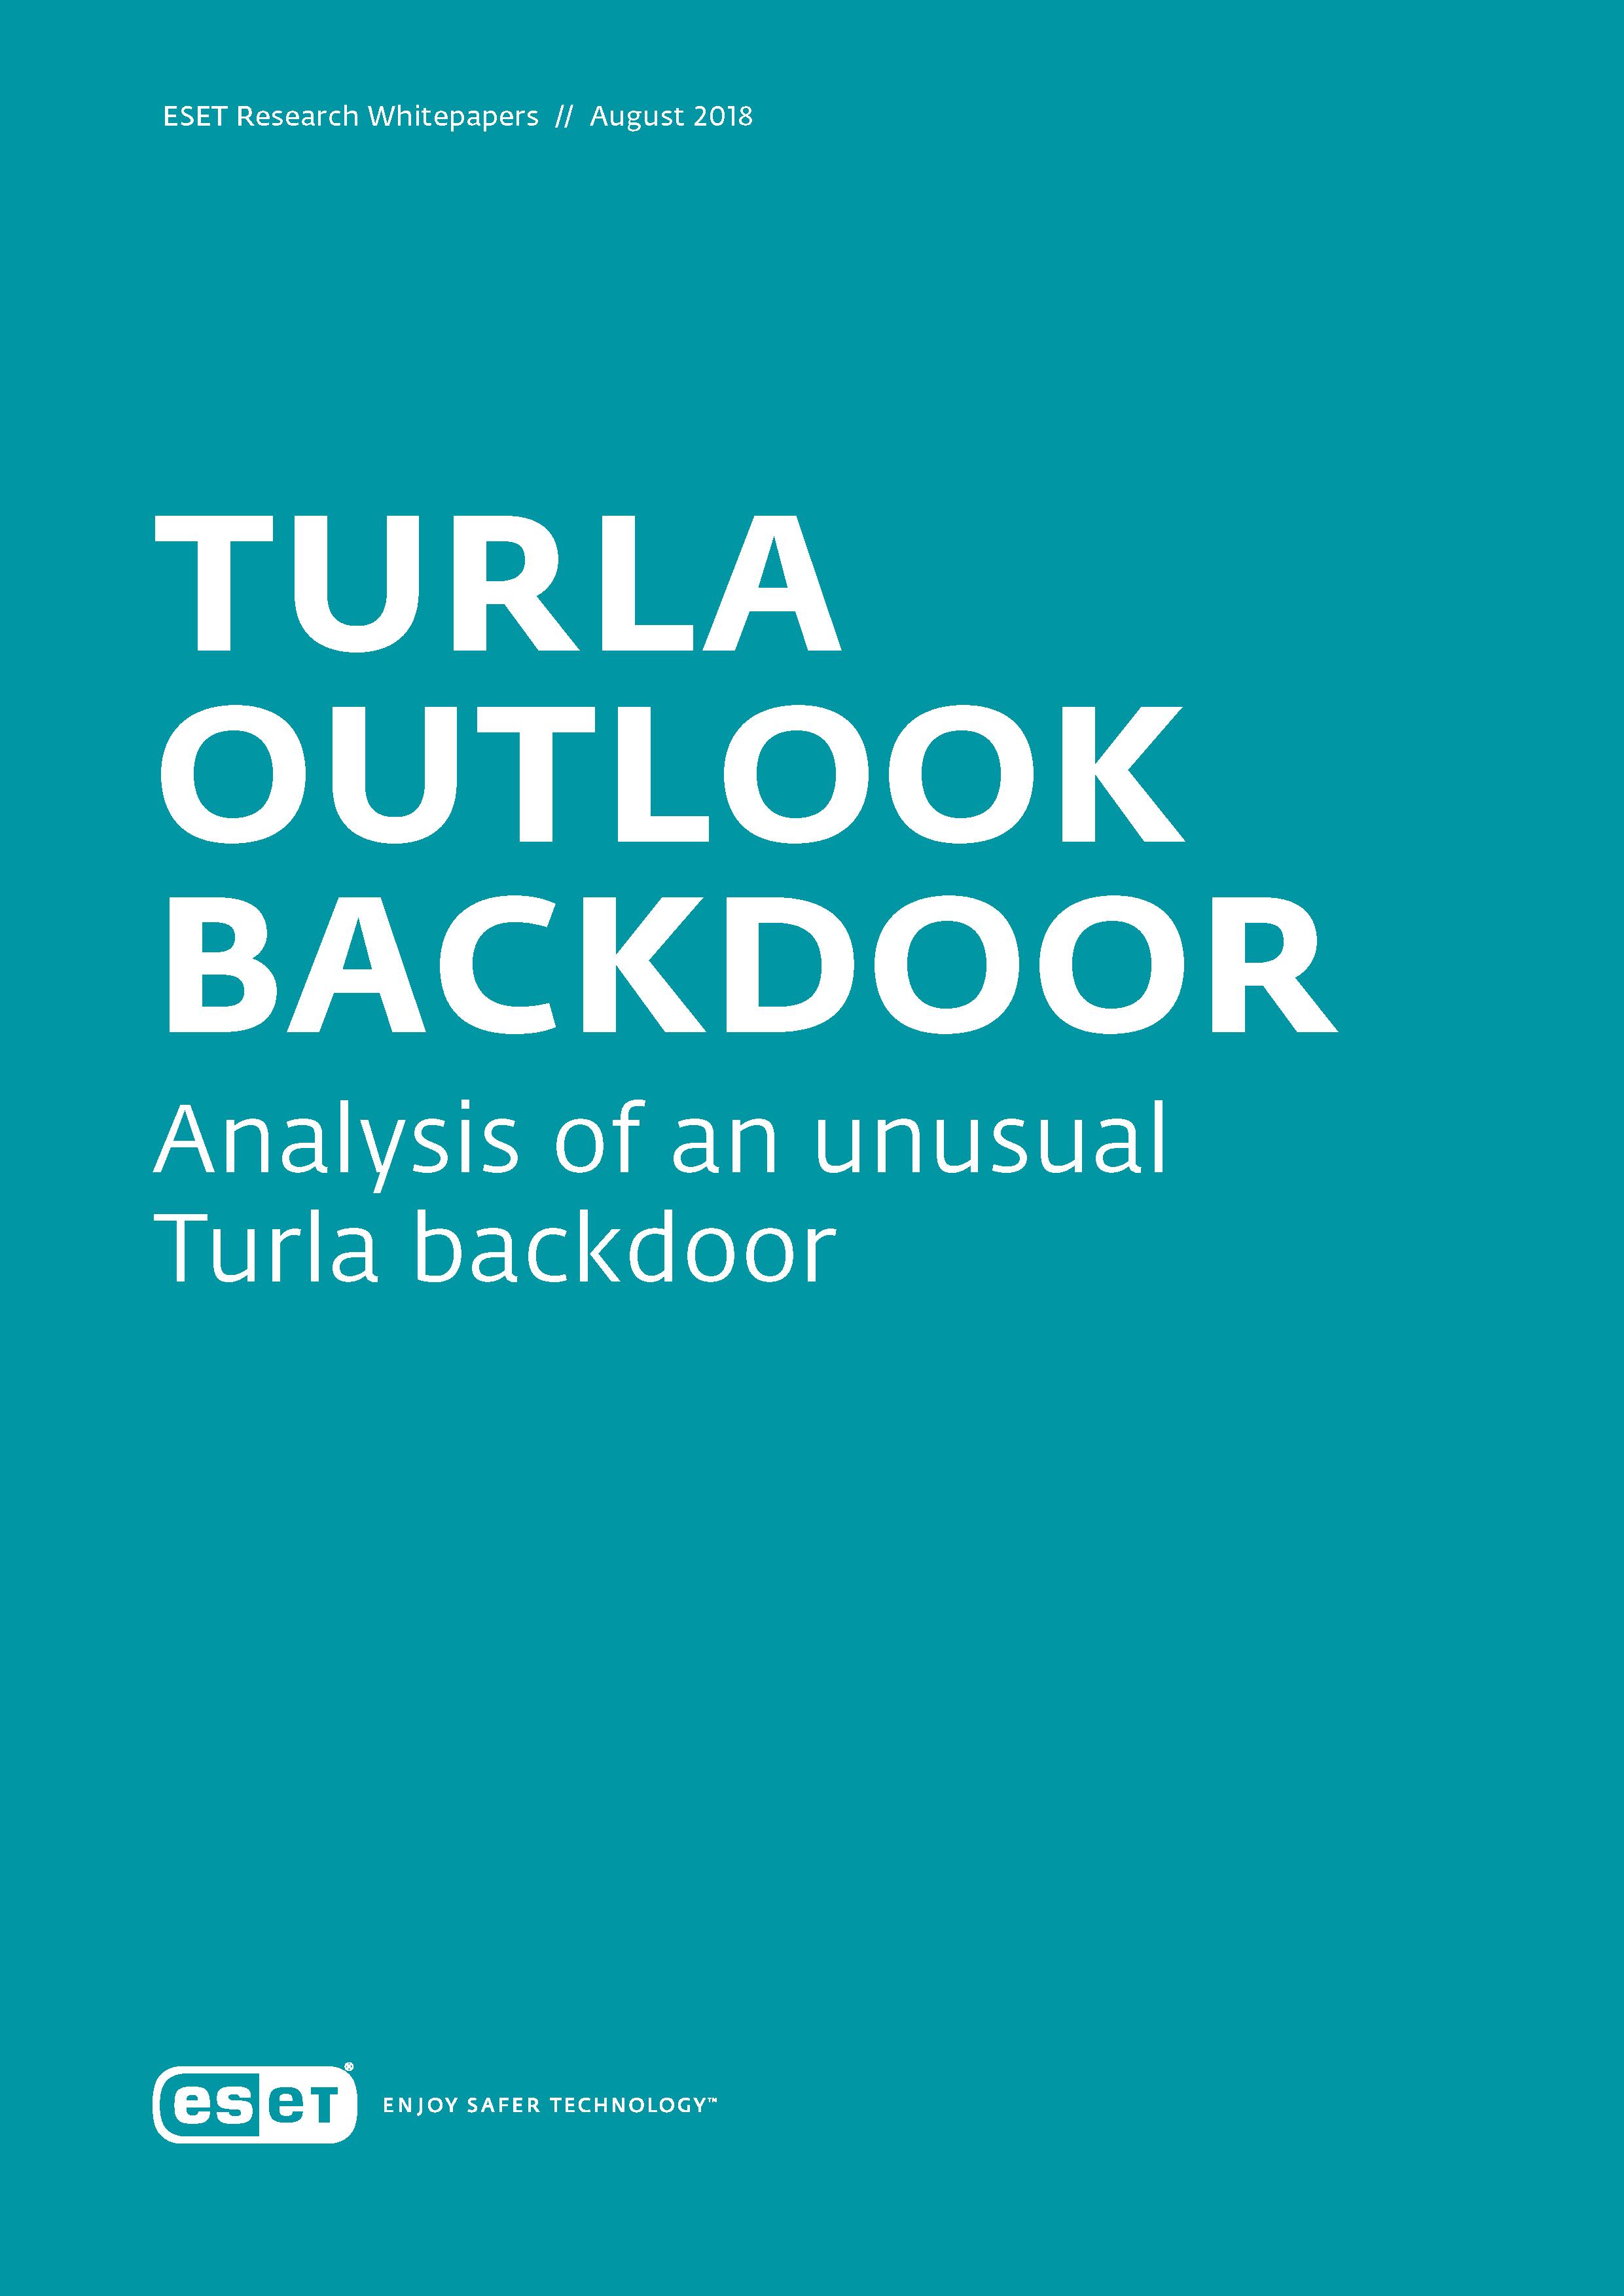 Turla Outlook Backdoor | ESET